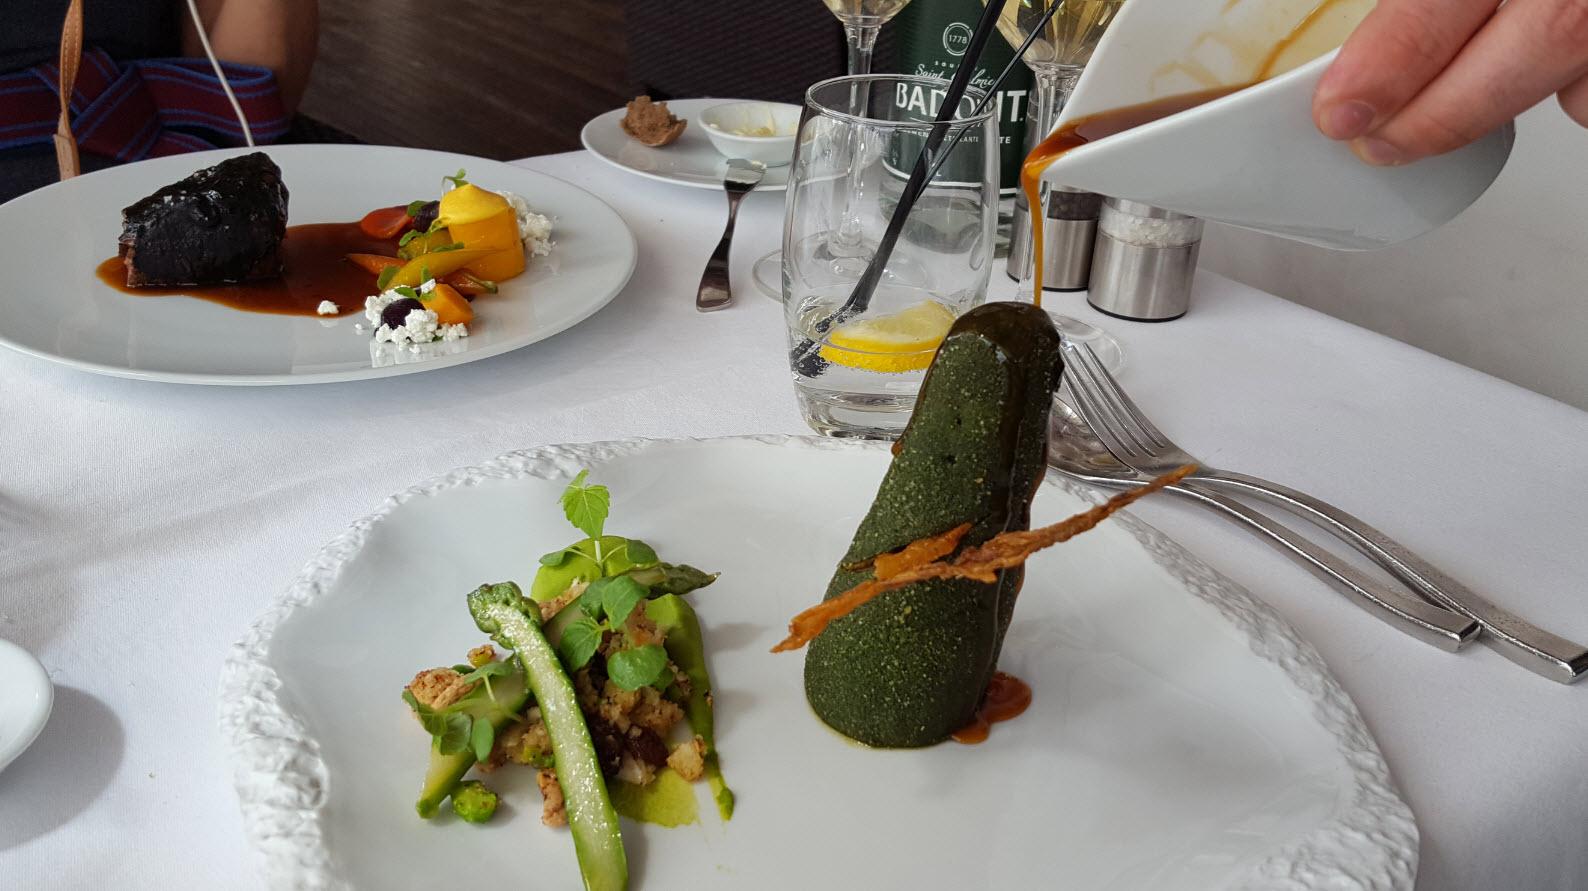 Caille conique semoule vegetale et asperges